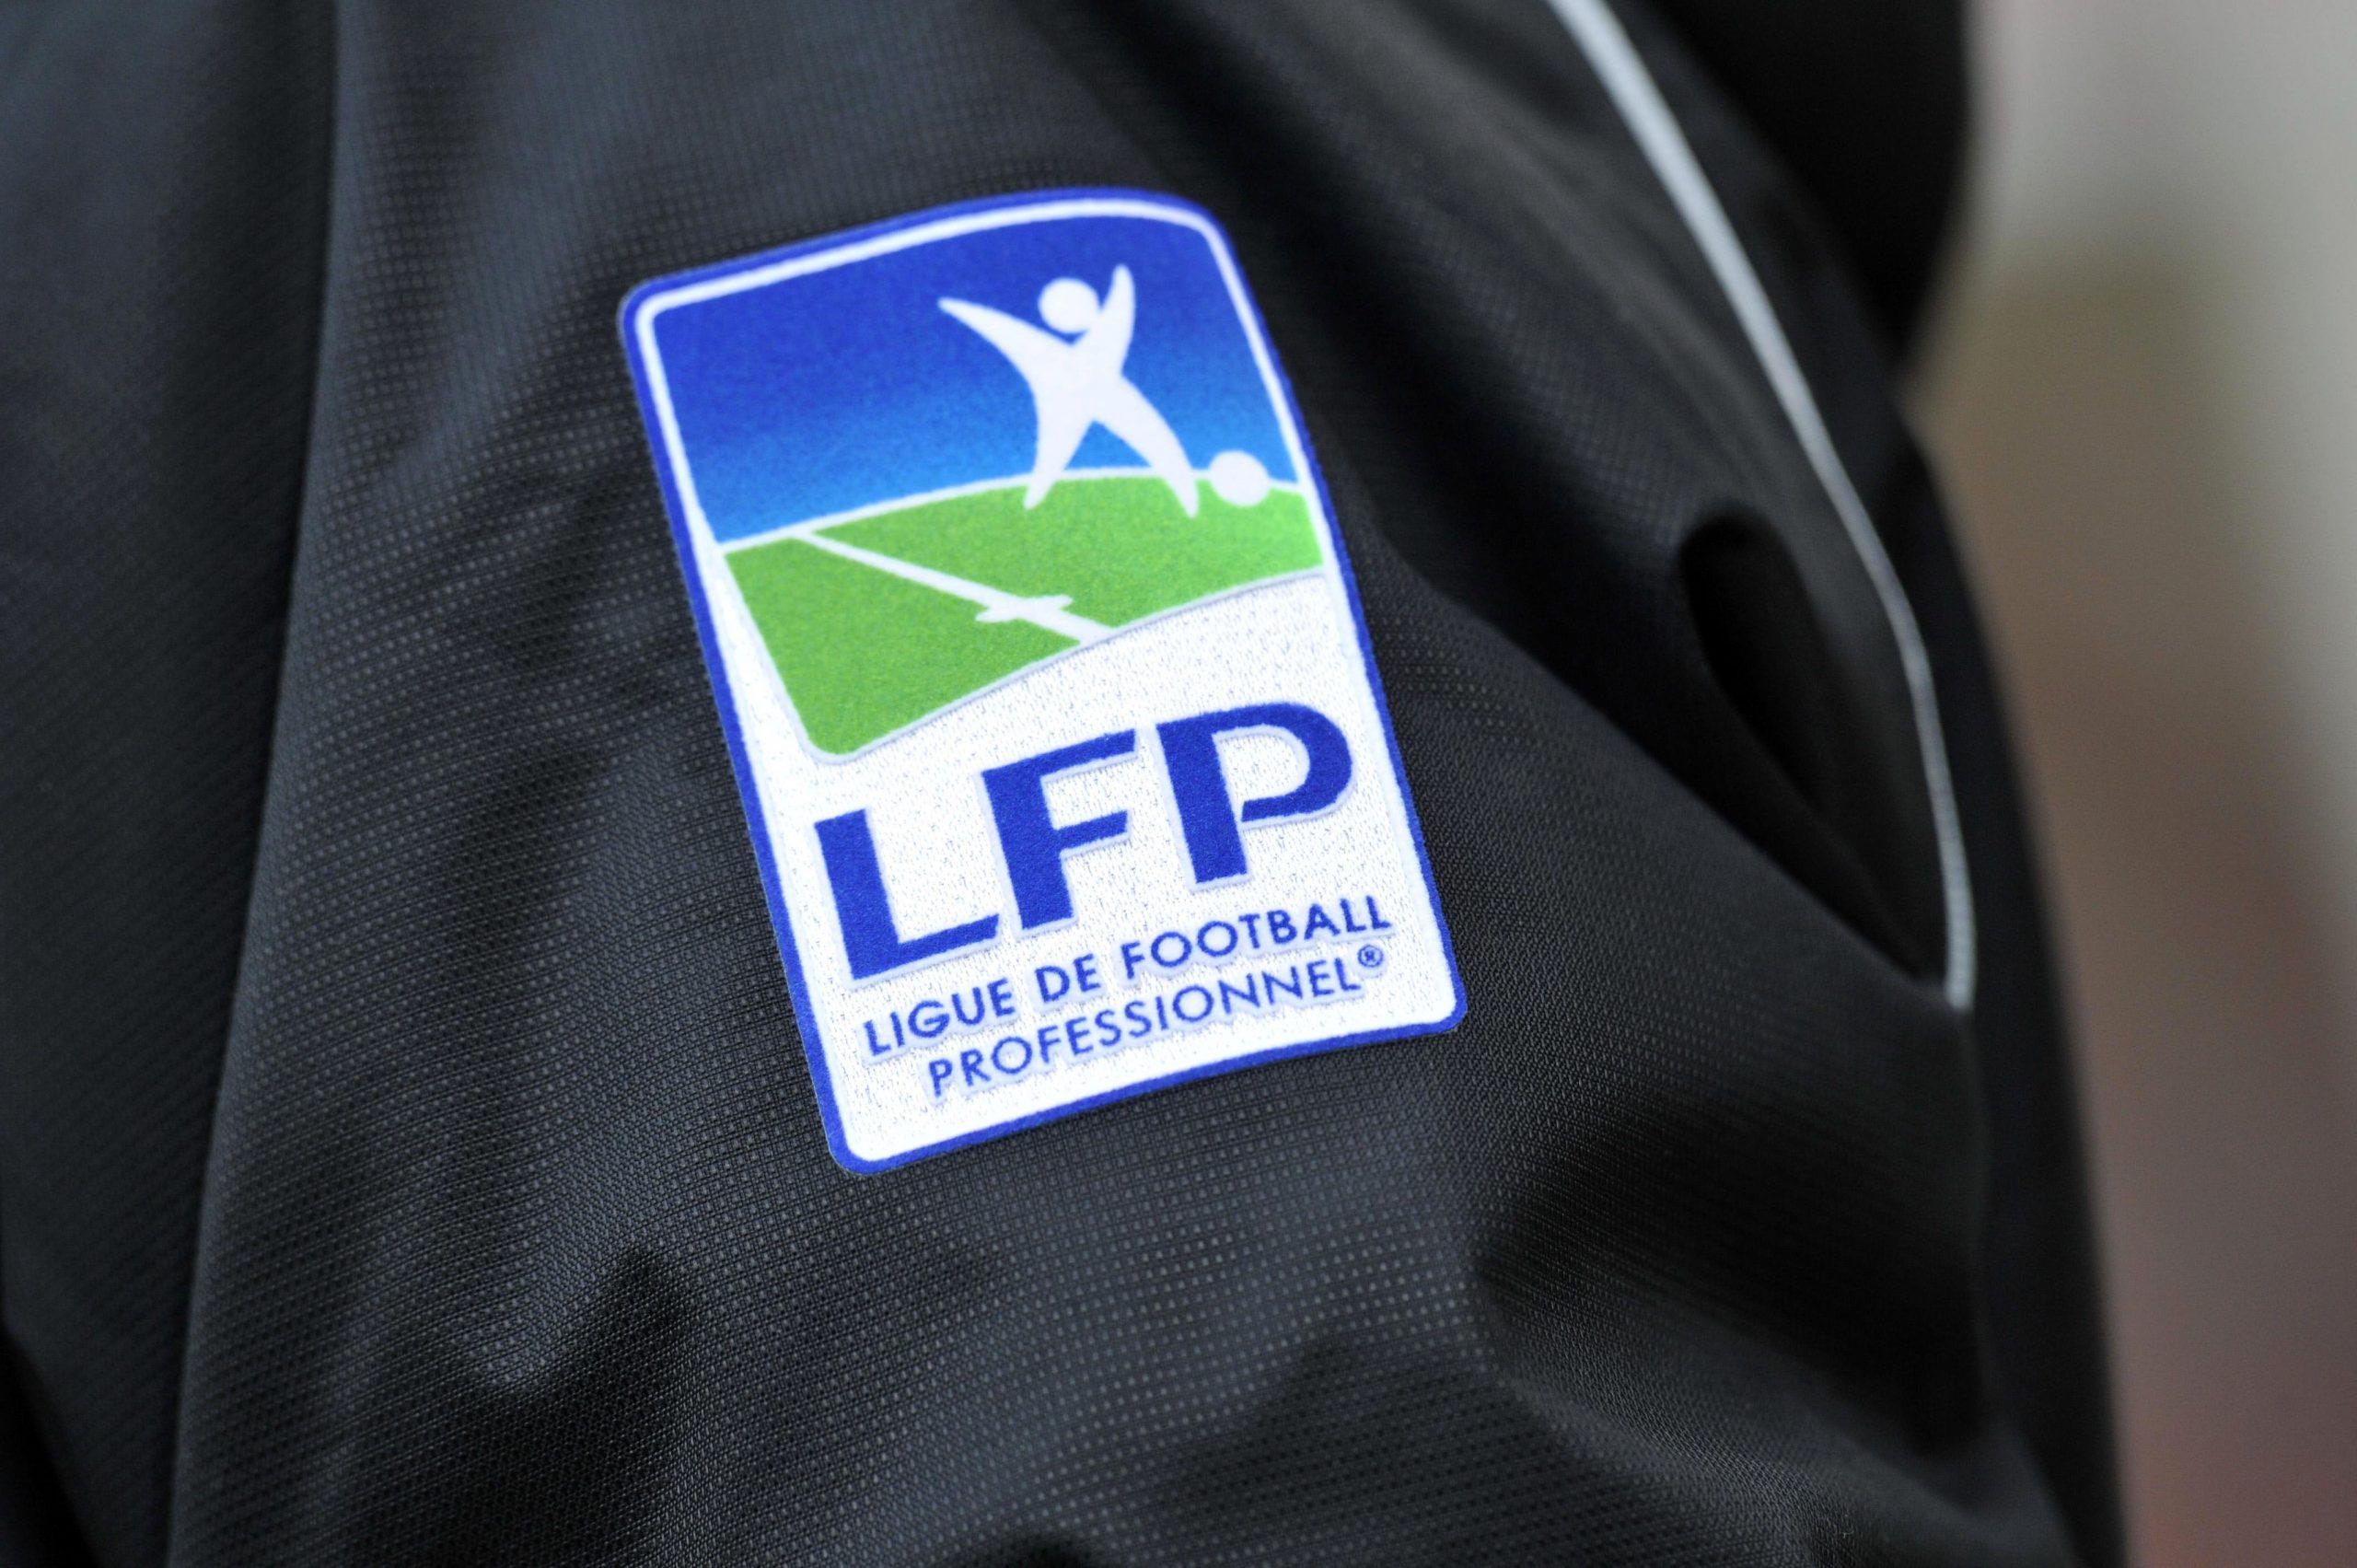 Officiel - La LFP annonce un prêt pour verser les droits TV prévus aux clubs